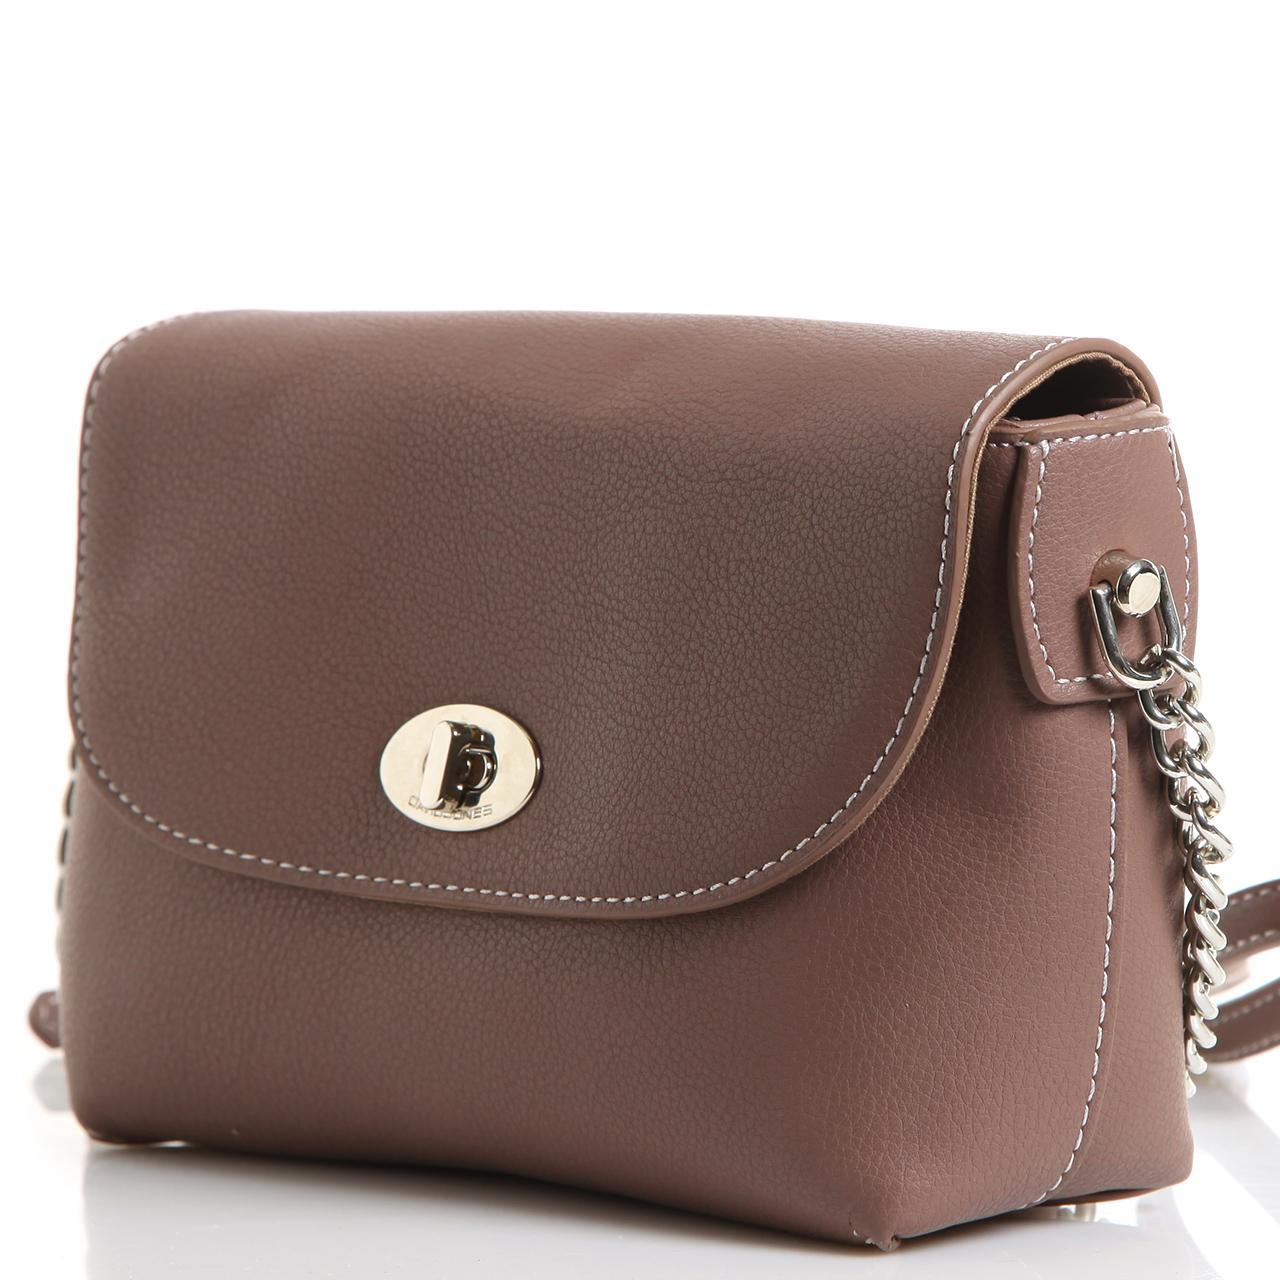 5f57f5b0fe13 Маленькие сумки купить в интернет-магазине Домани (Domani)